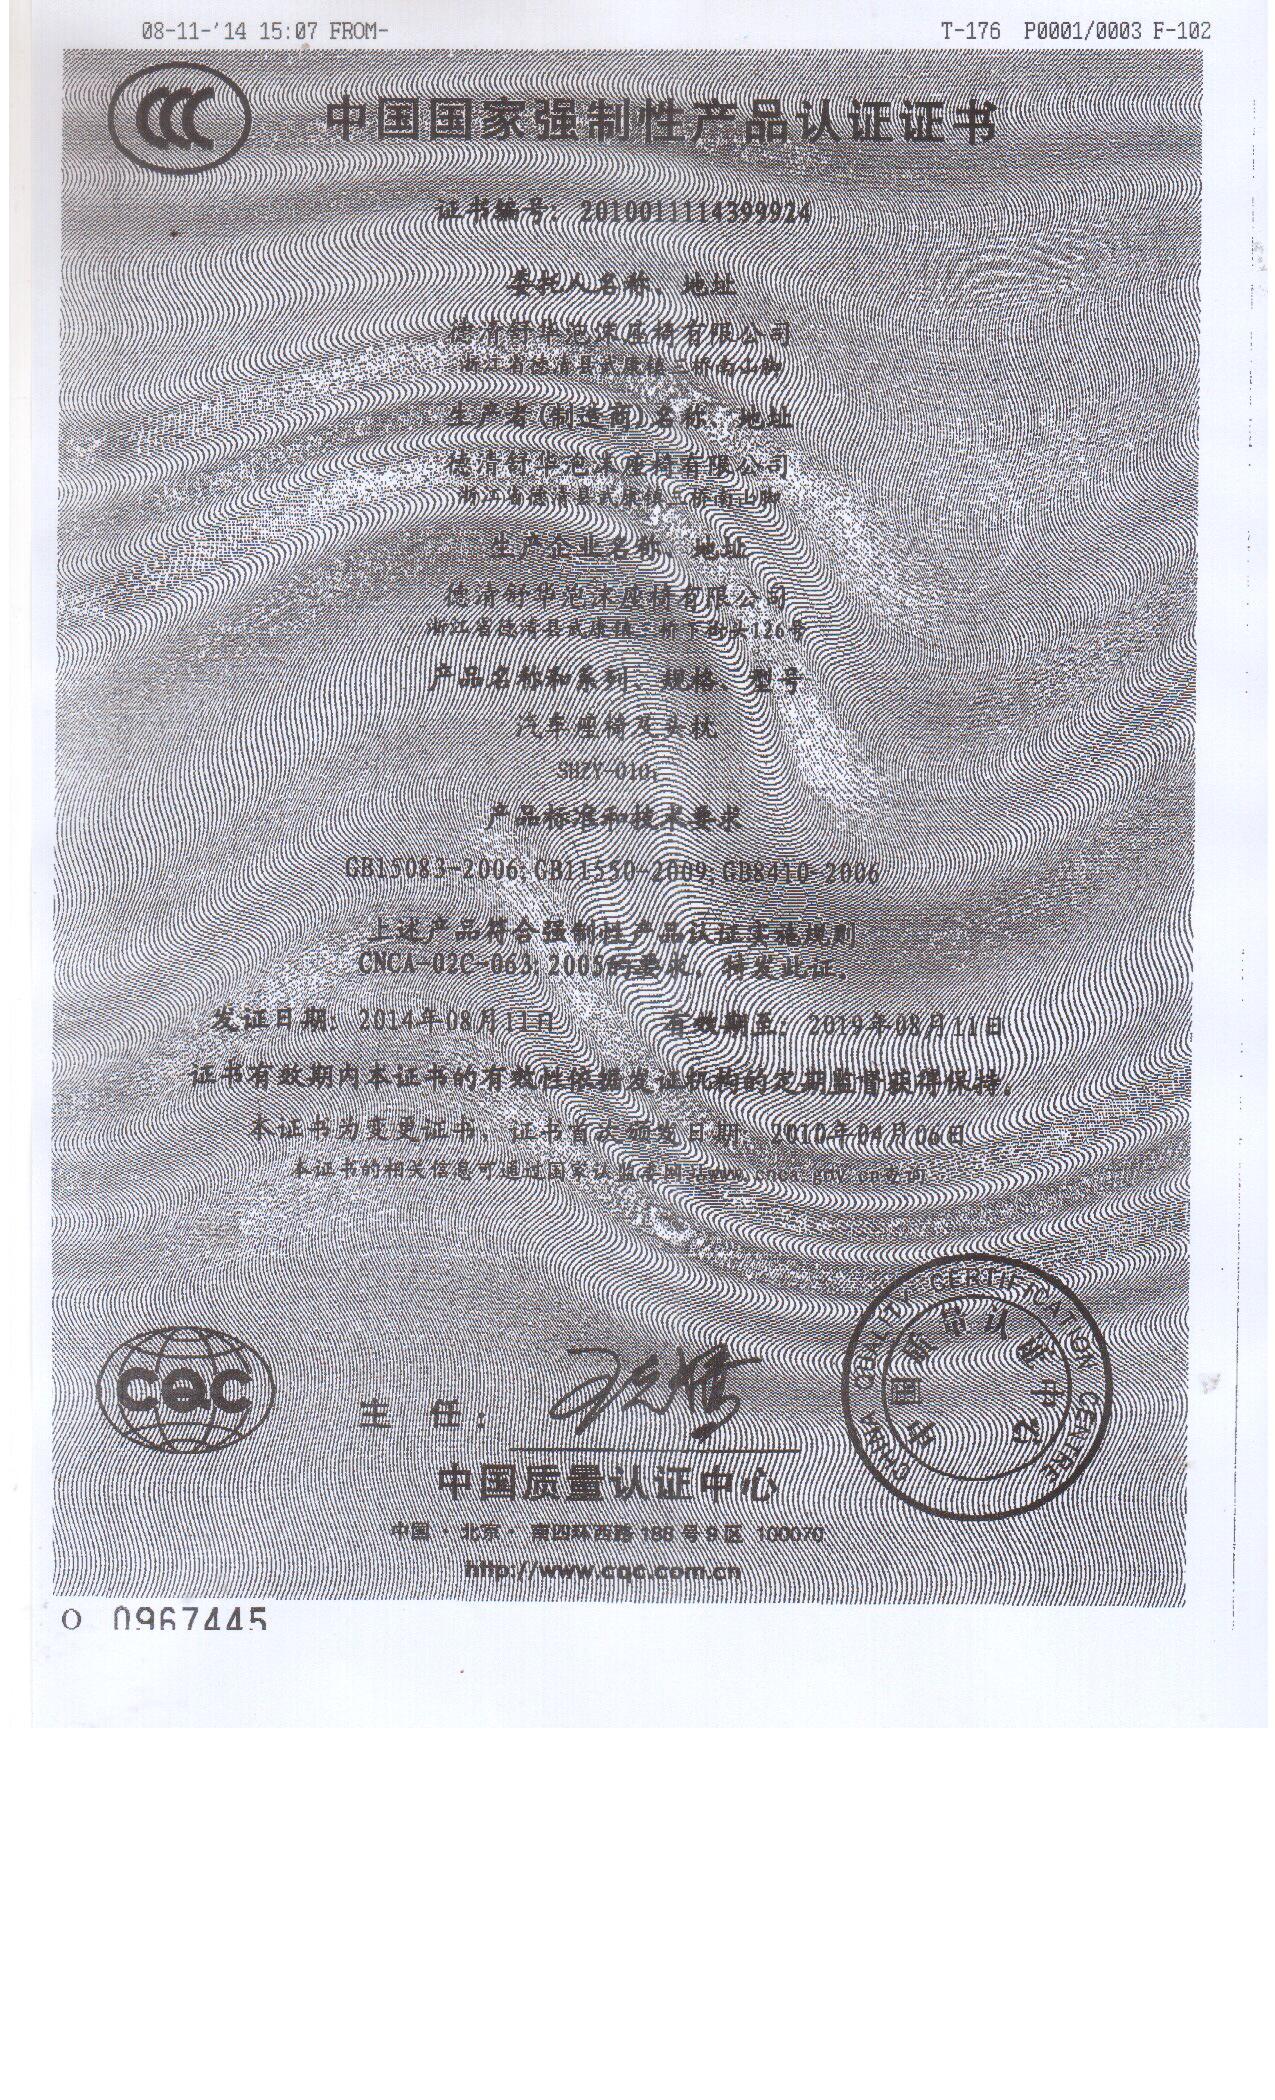 3C认证服务 3C认证代理 3C认证公司 3C认证除湿机服务费用价